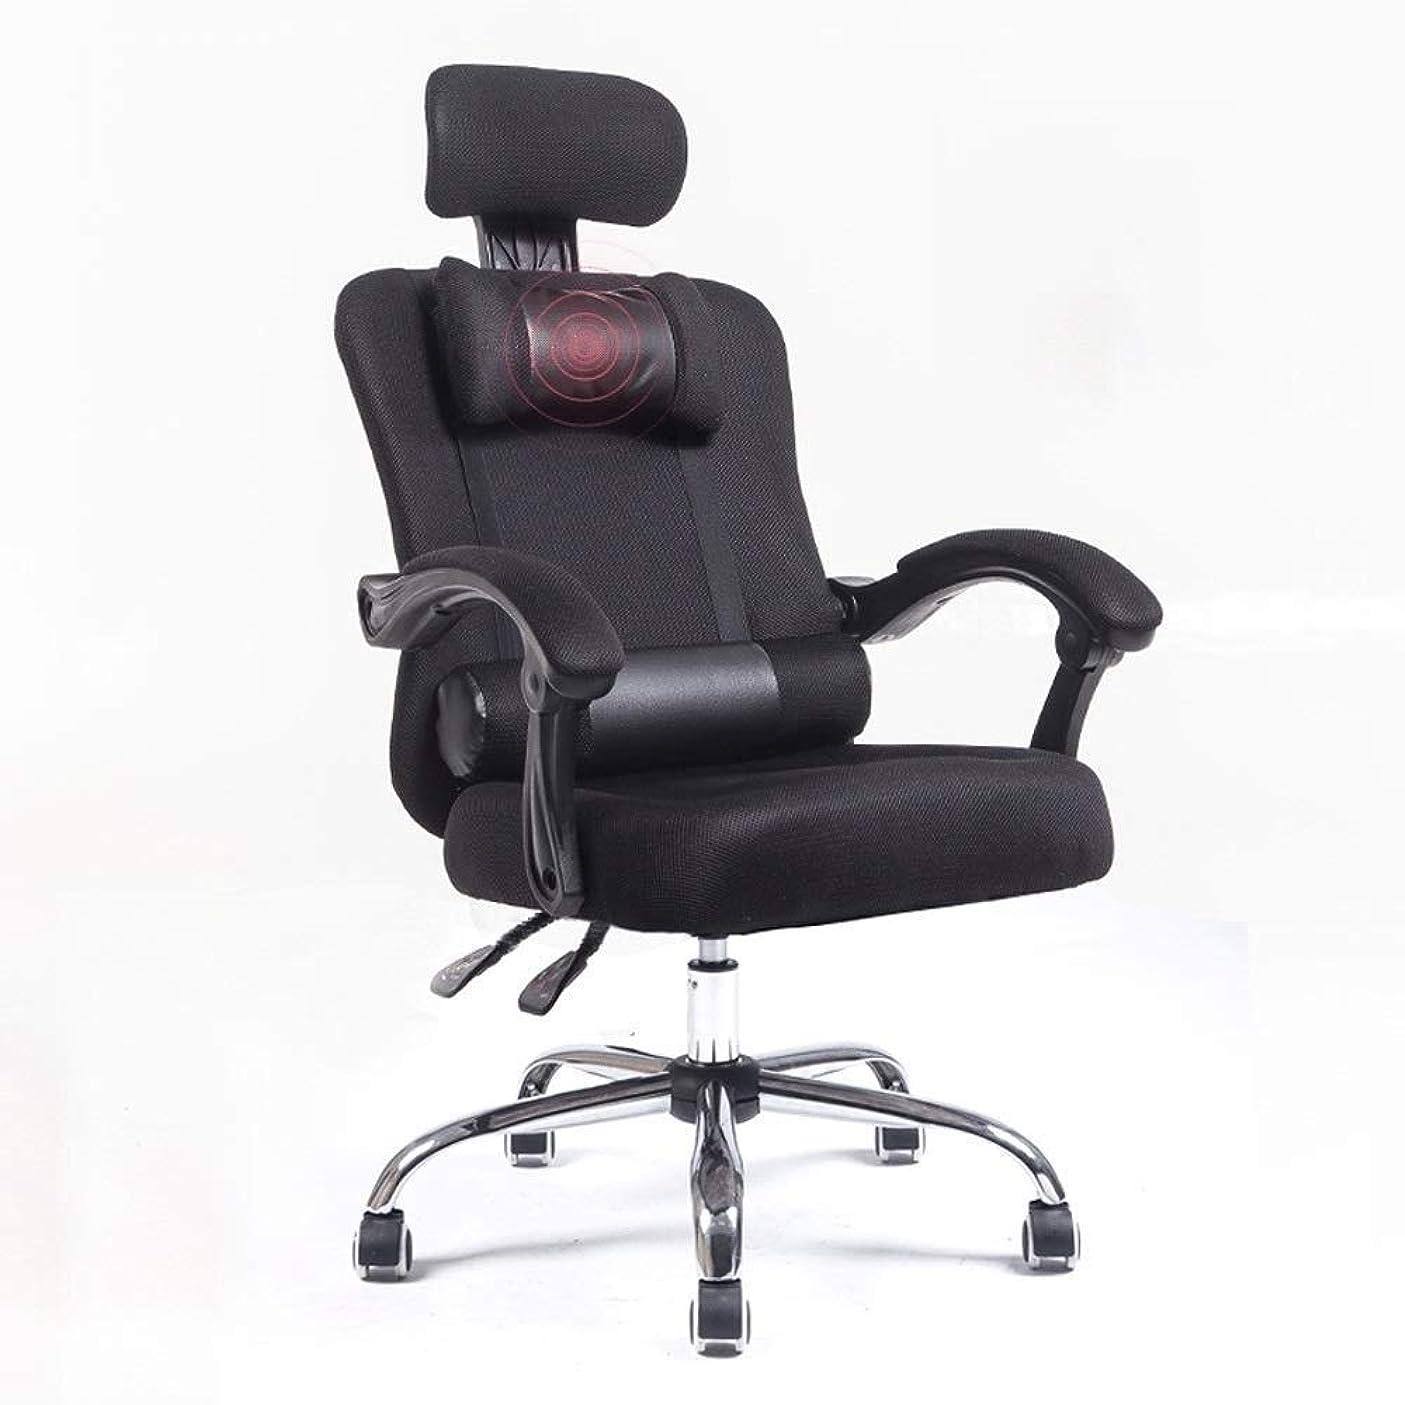 フレア子犬マスタードマッサージの記憶泡の賭博の椅子 - 調節可能なマッサージの腰椎のクッション、引き込み式の足台、ハイバックの人間工学的の競争コンピュータ机のオフィスの椅子 (Color : Black)